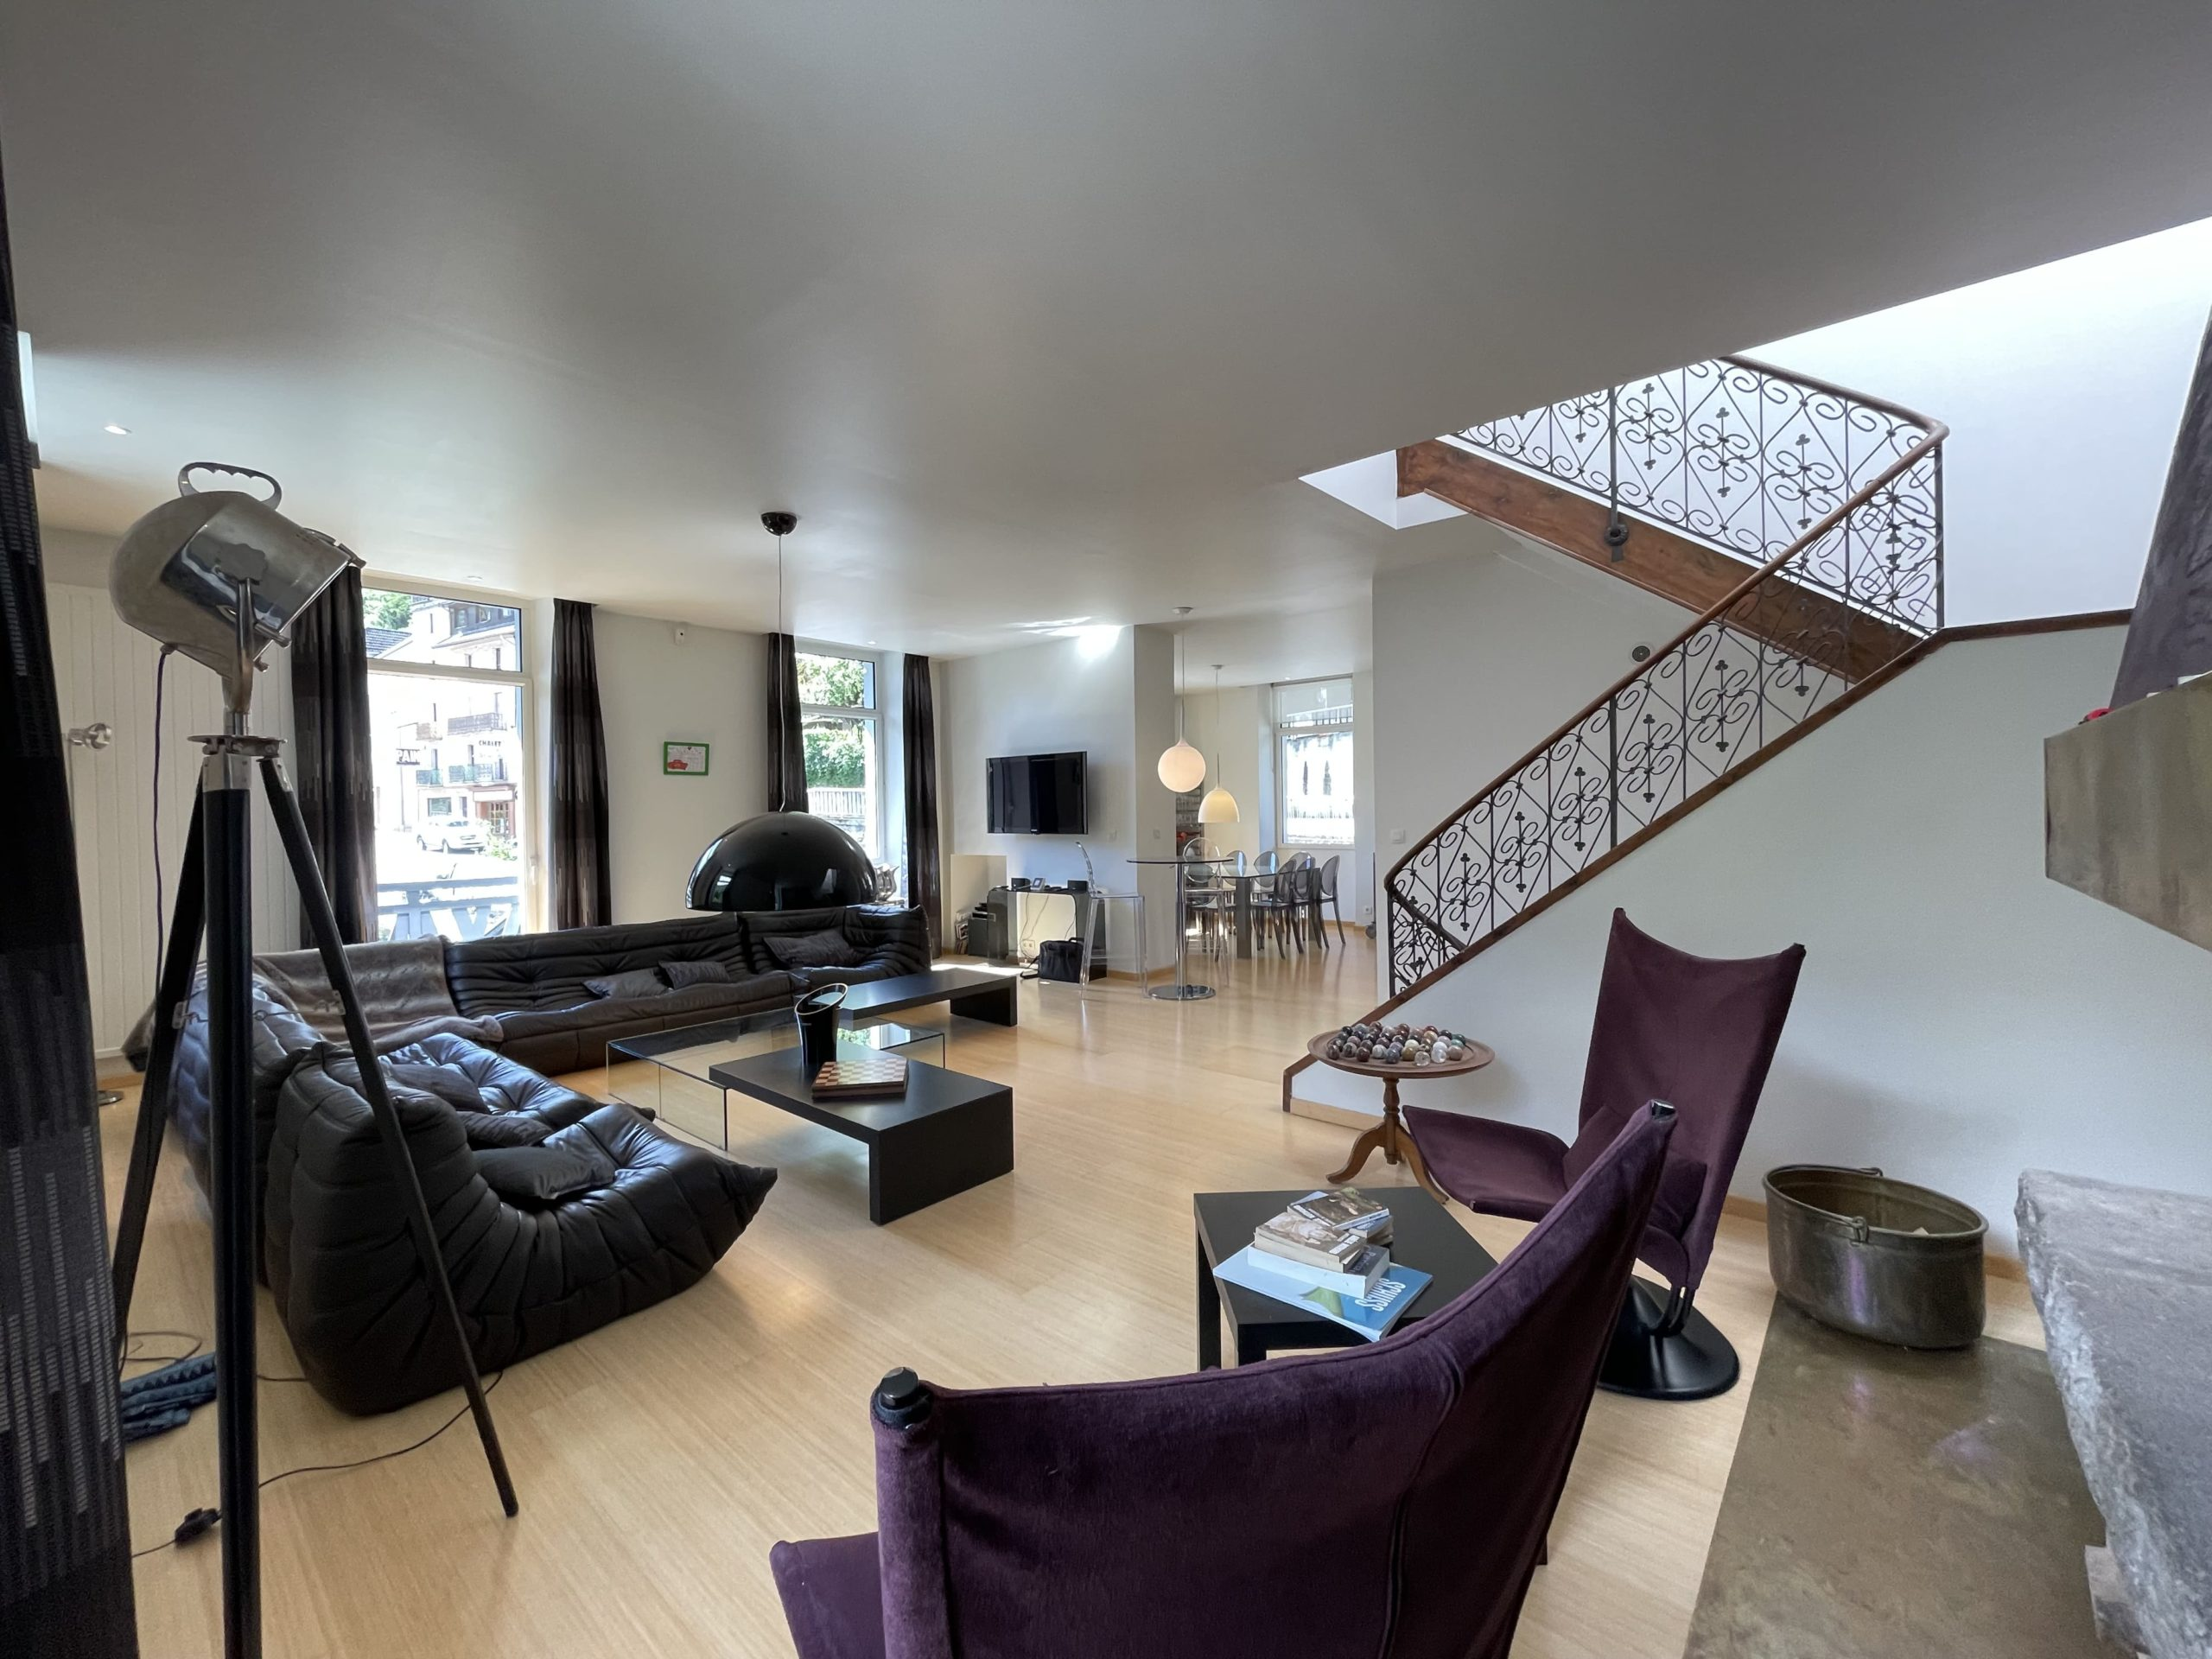 Maison 8 pièces 300 m² avec jardin